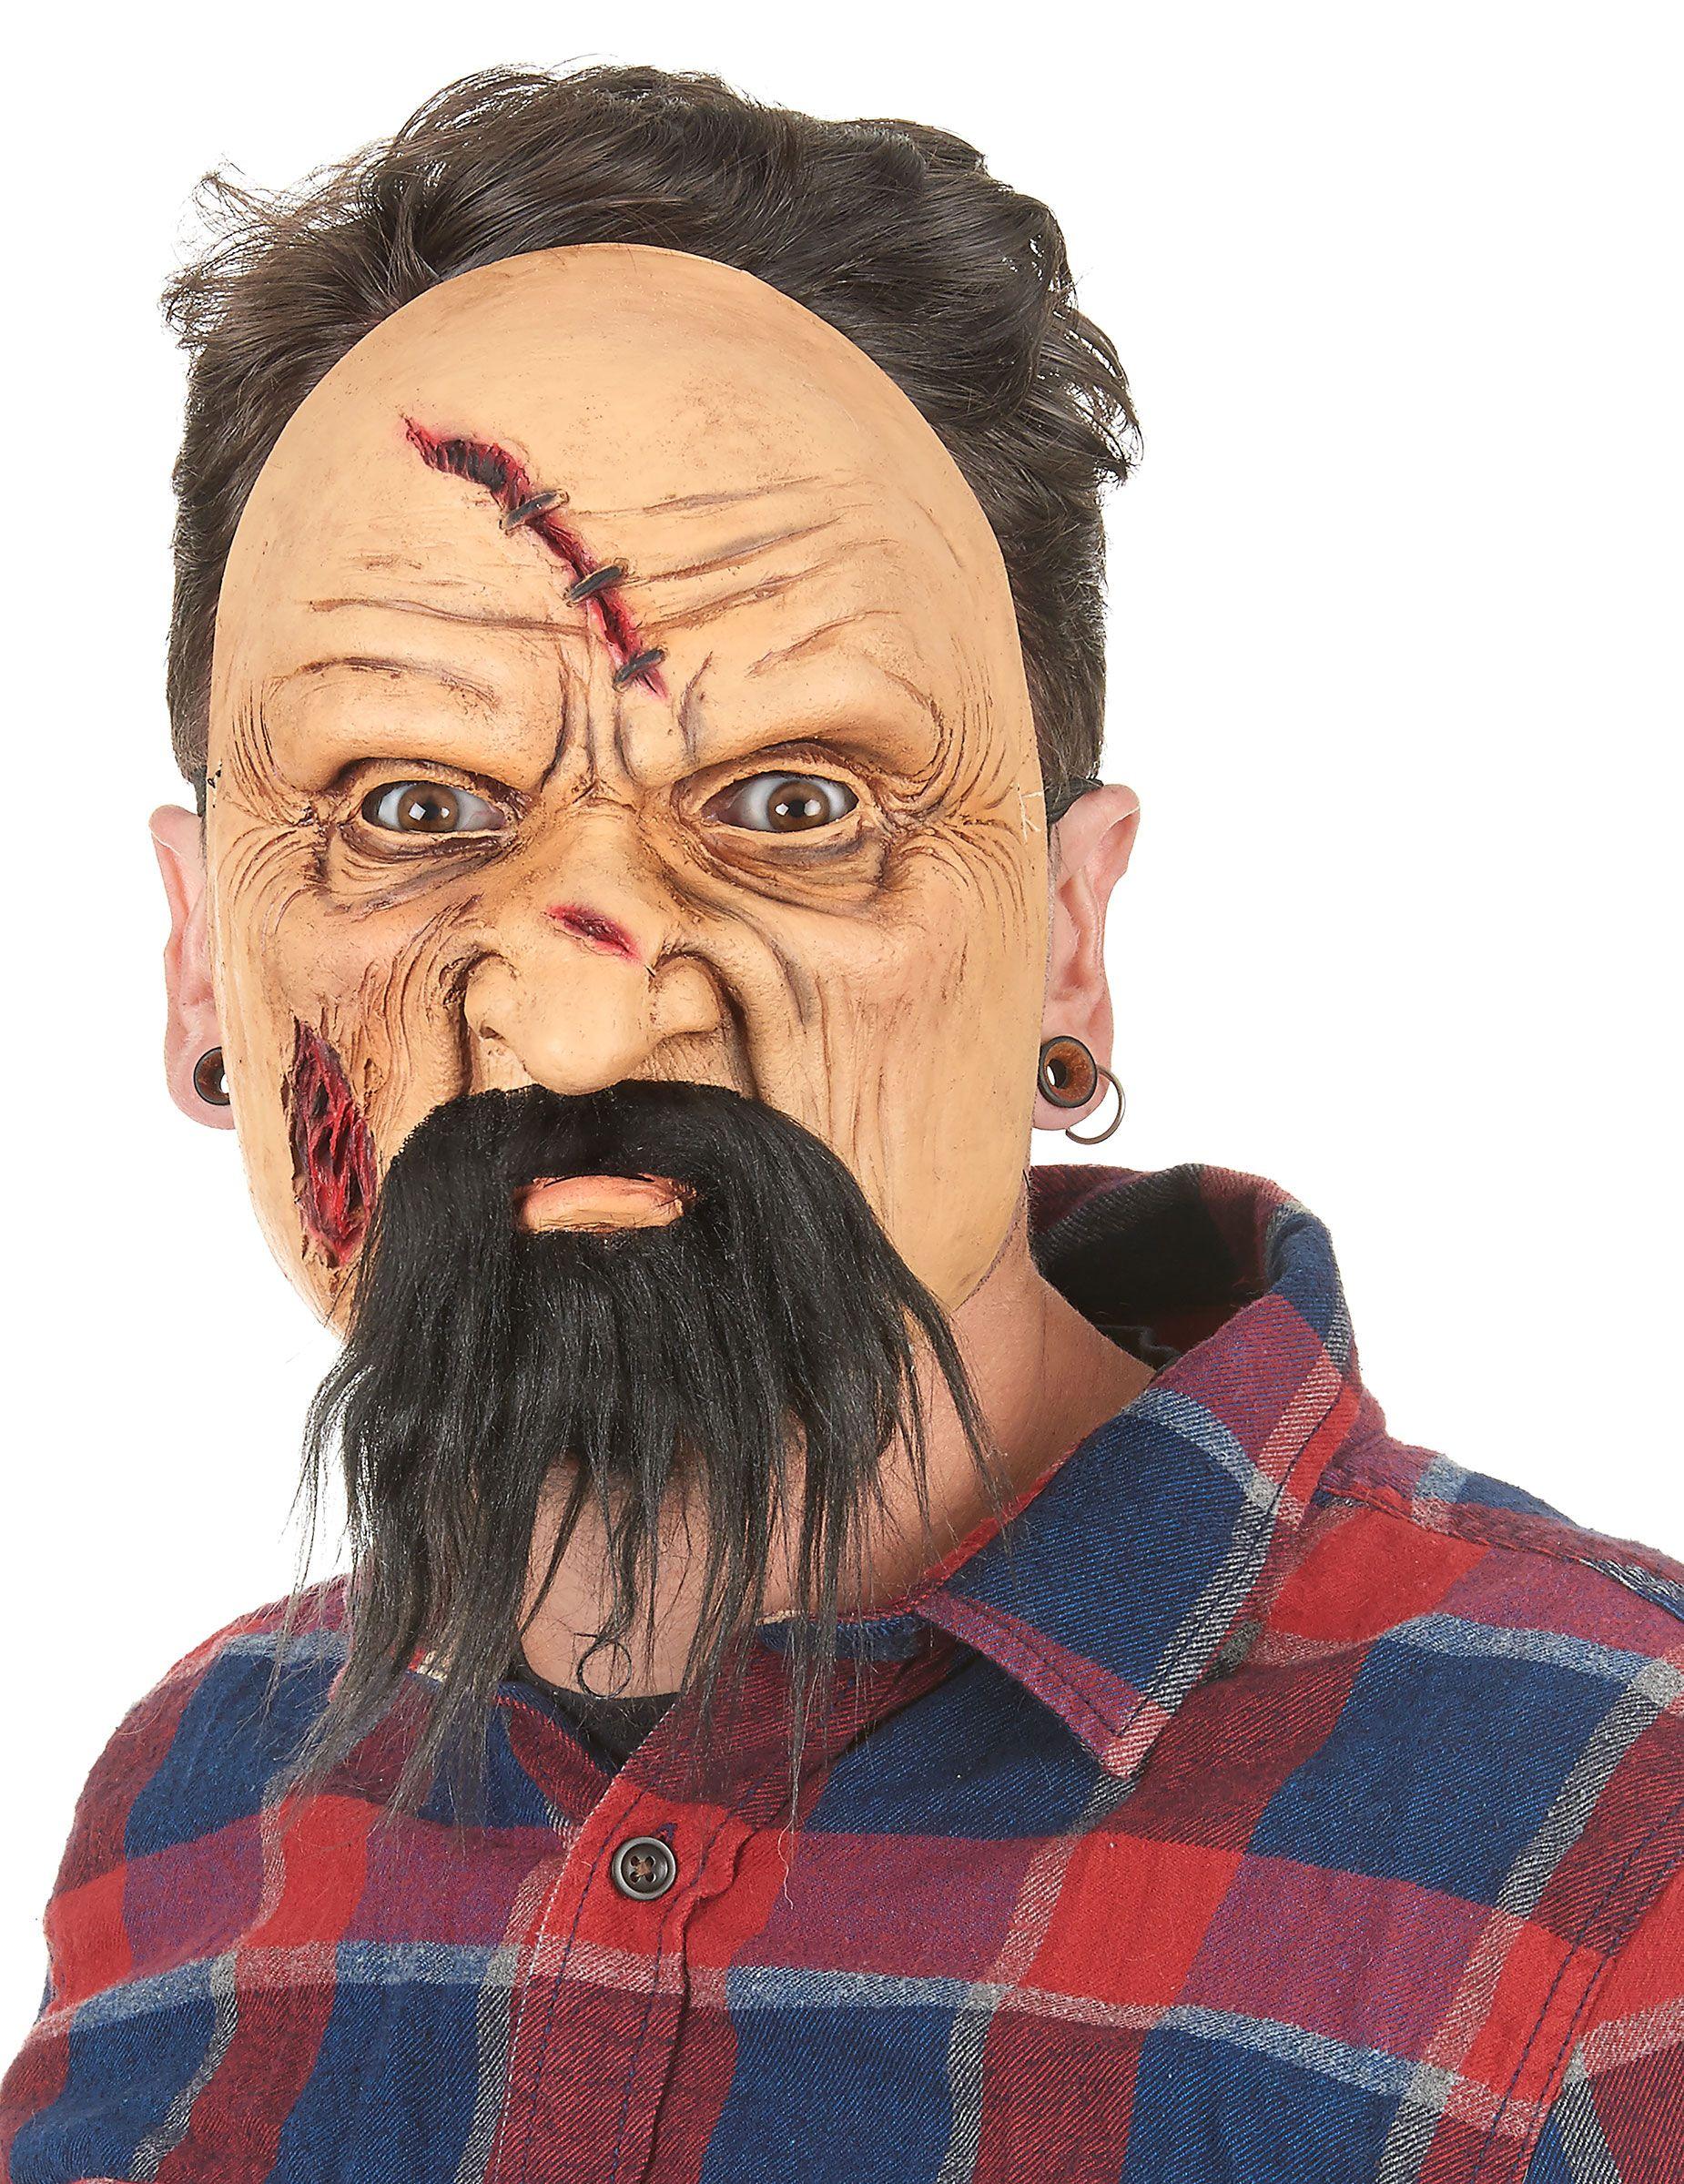 Maschera in lattice vecchio adulto: Questa semi-maschera in lattice di un vecchio ferito per adulto, rappresenta un cattivo uomo anziano, con un viso per niente simpatico.La maschera é tenuta in viso con un elastico, con una... #halloween #maschere #halloweenmaschere